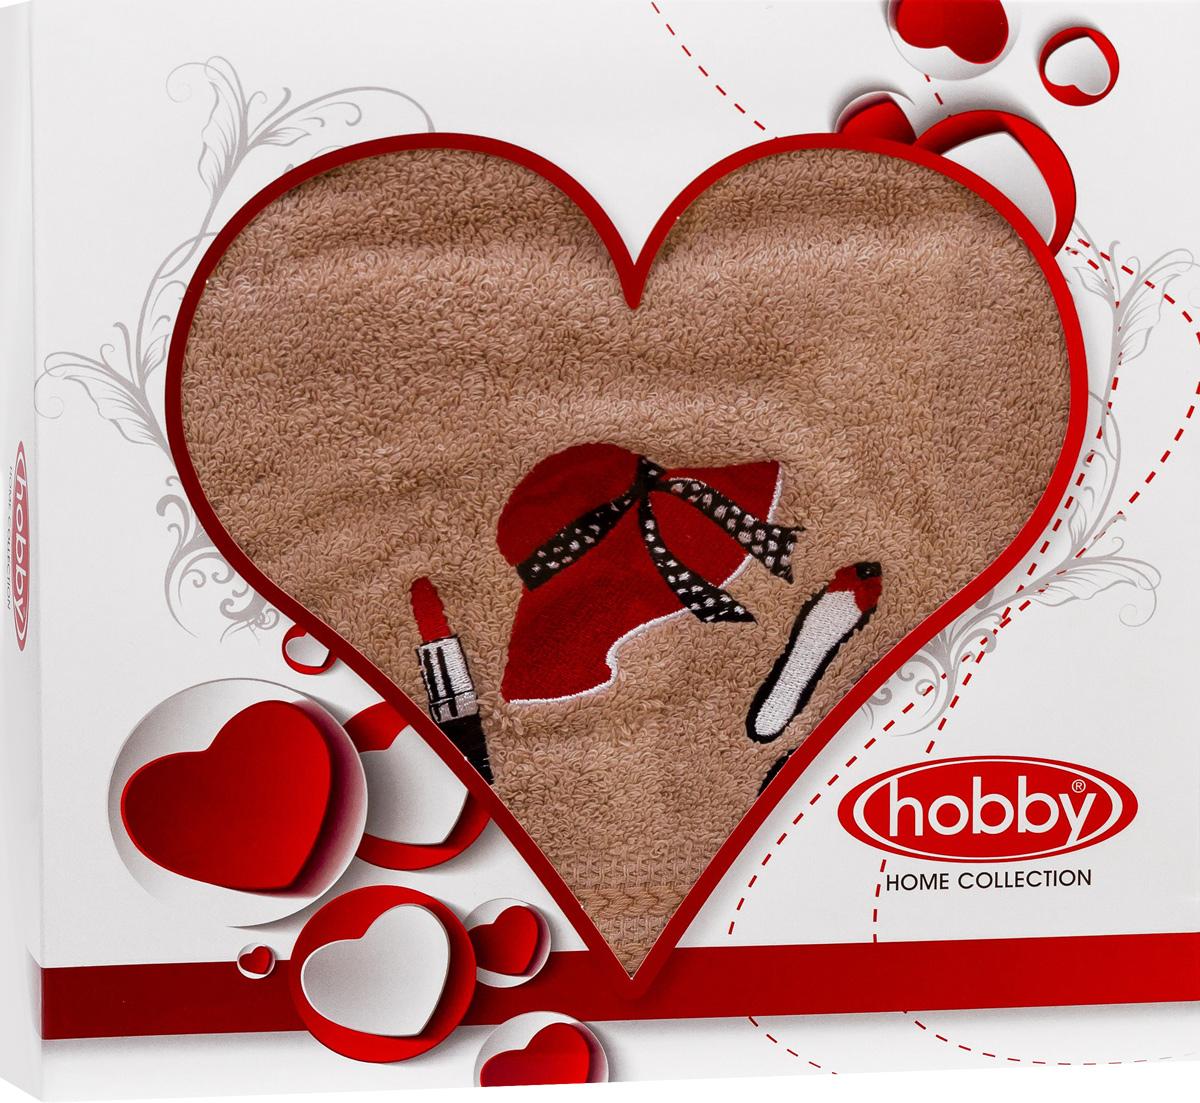 Полотенце Hobby Home Collection Love, 50 х 90 см. 1501000502531-401Полотенце Hobby Home Collection Love выполнено из 100% хлопка. Изделие отлично впитывает влагу, быстро сохнет, сохраняет яркость цвета и не теряет форму даже после многократных стирок. Такое полотенце очень практично и неприхотливо в уходе. А простой, но стильный дизайн полотенца позволит ему вписаться даже в классический интерьер ванной комнаты.